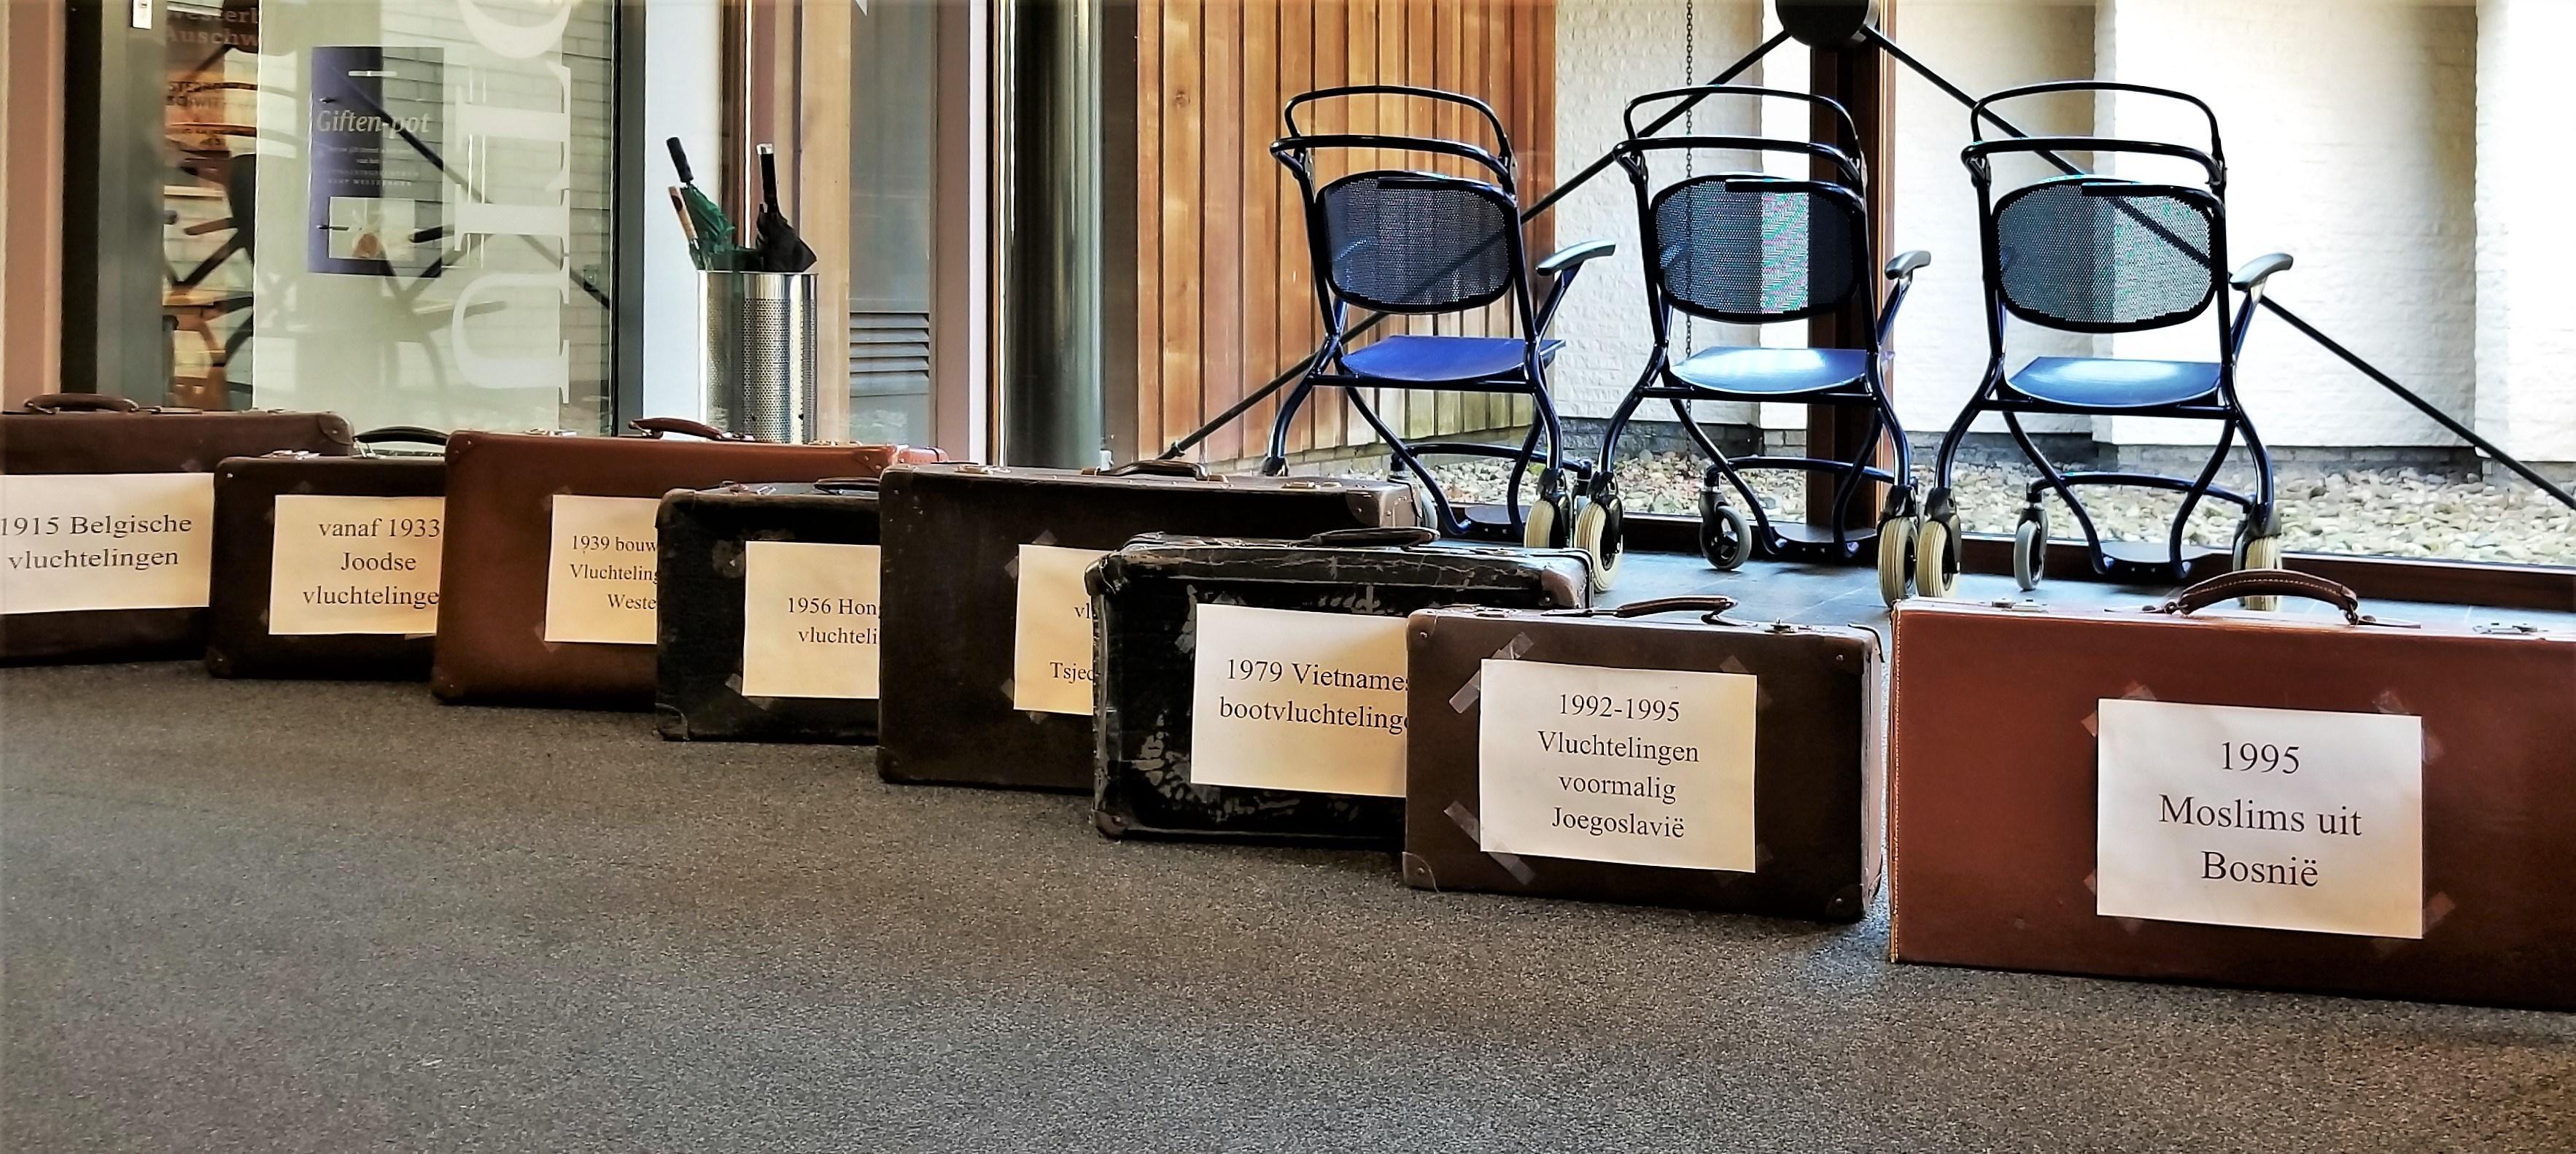 suitcase-symbolism.jpg